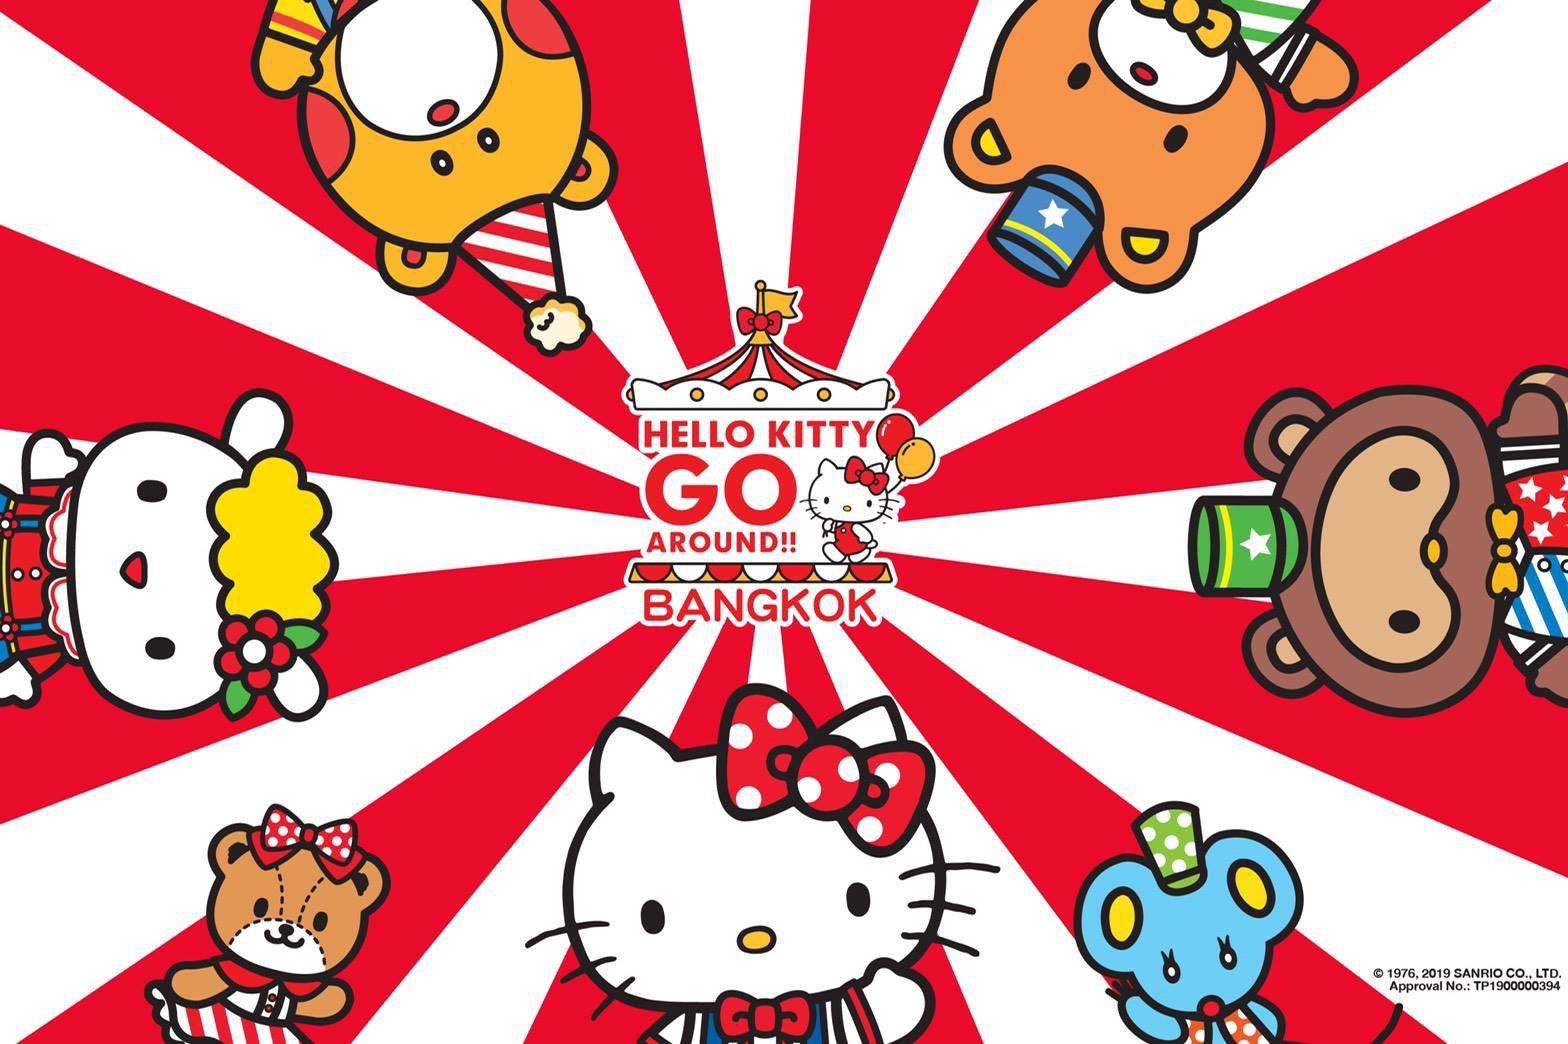 ็Hello Kitty Go Around Bangkok